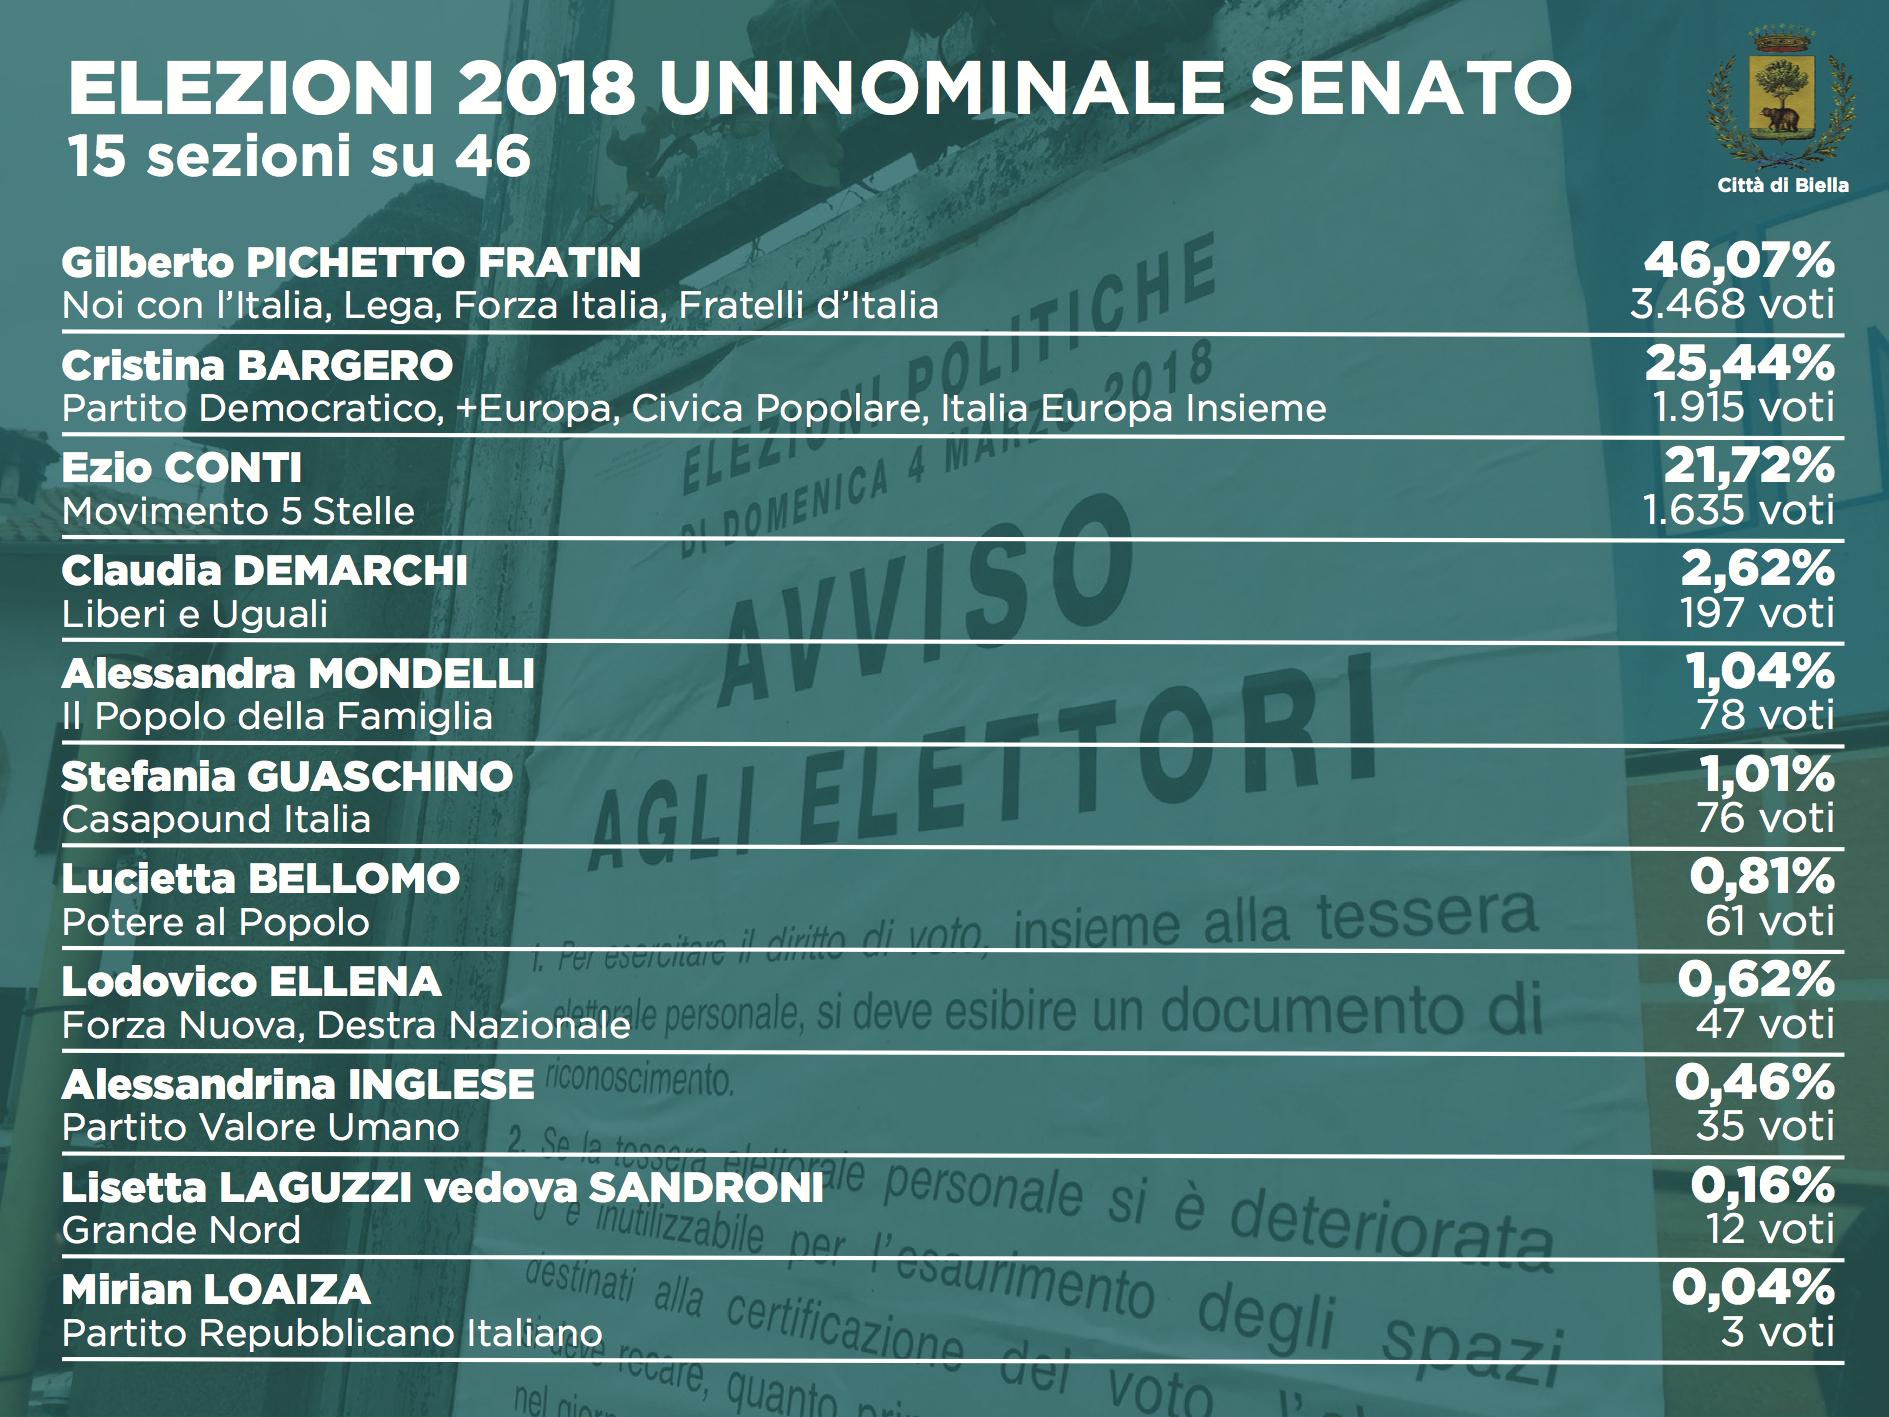 Elezioni 2018: i dati dell'uninominale al Senato (15 sezioni su 46)